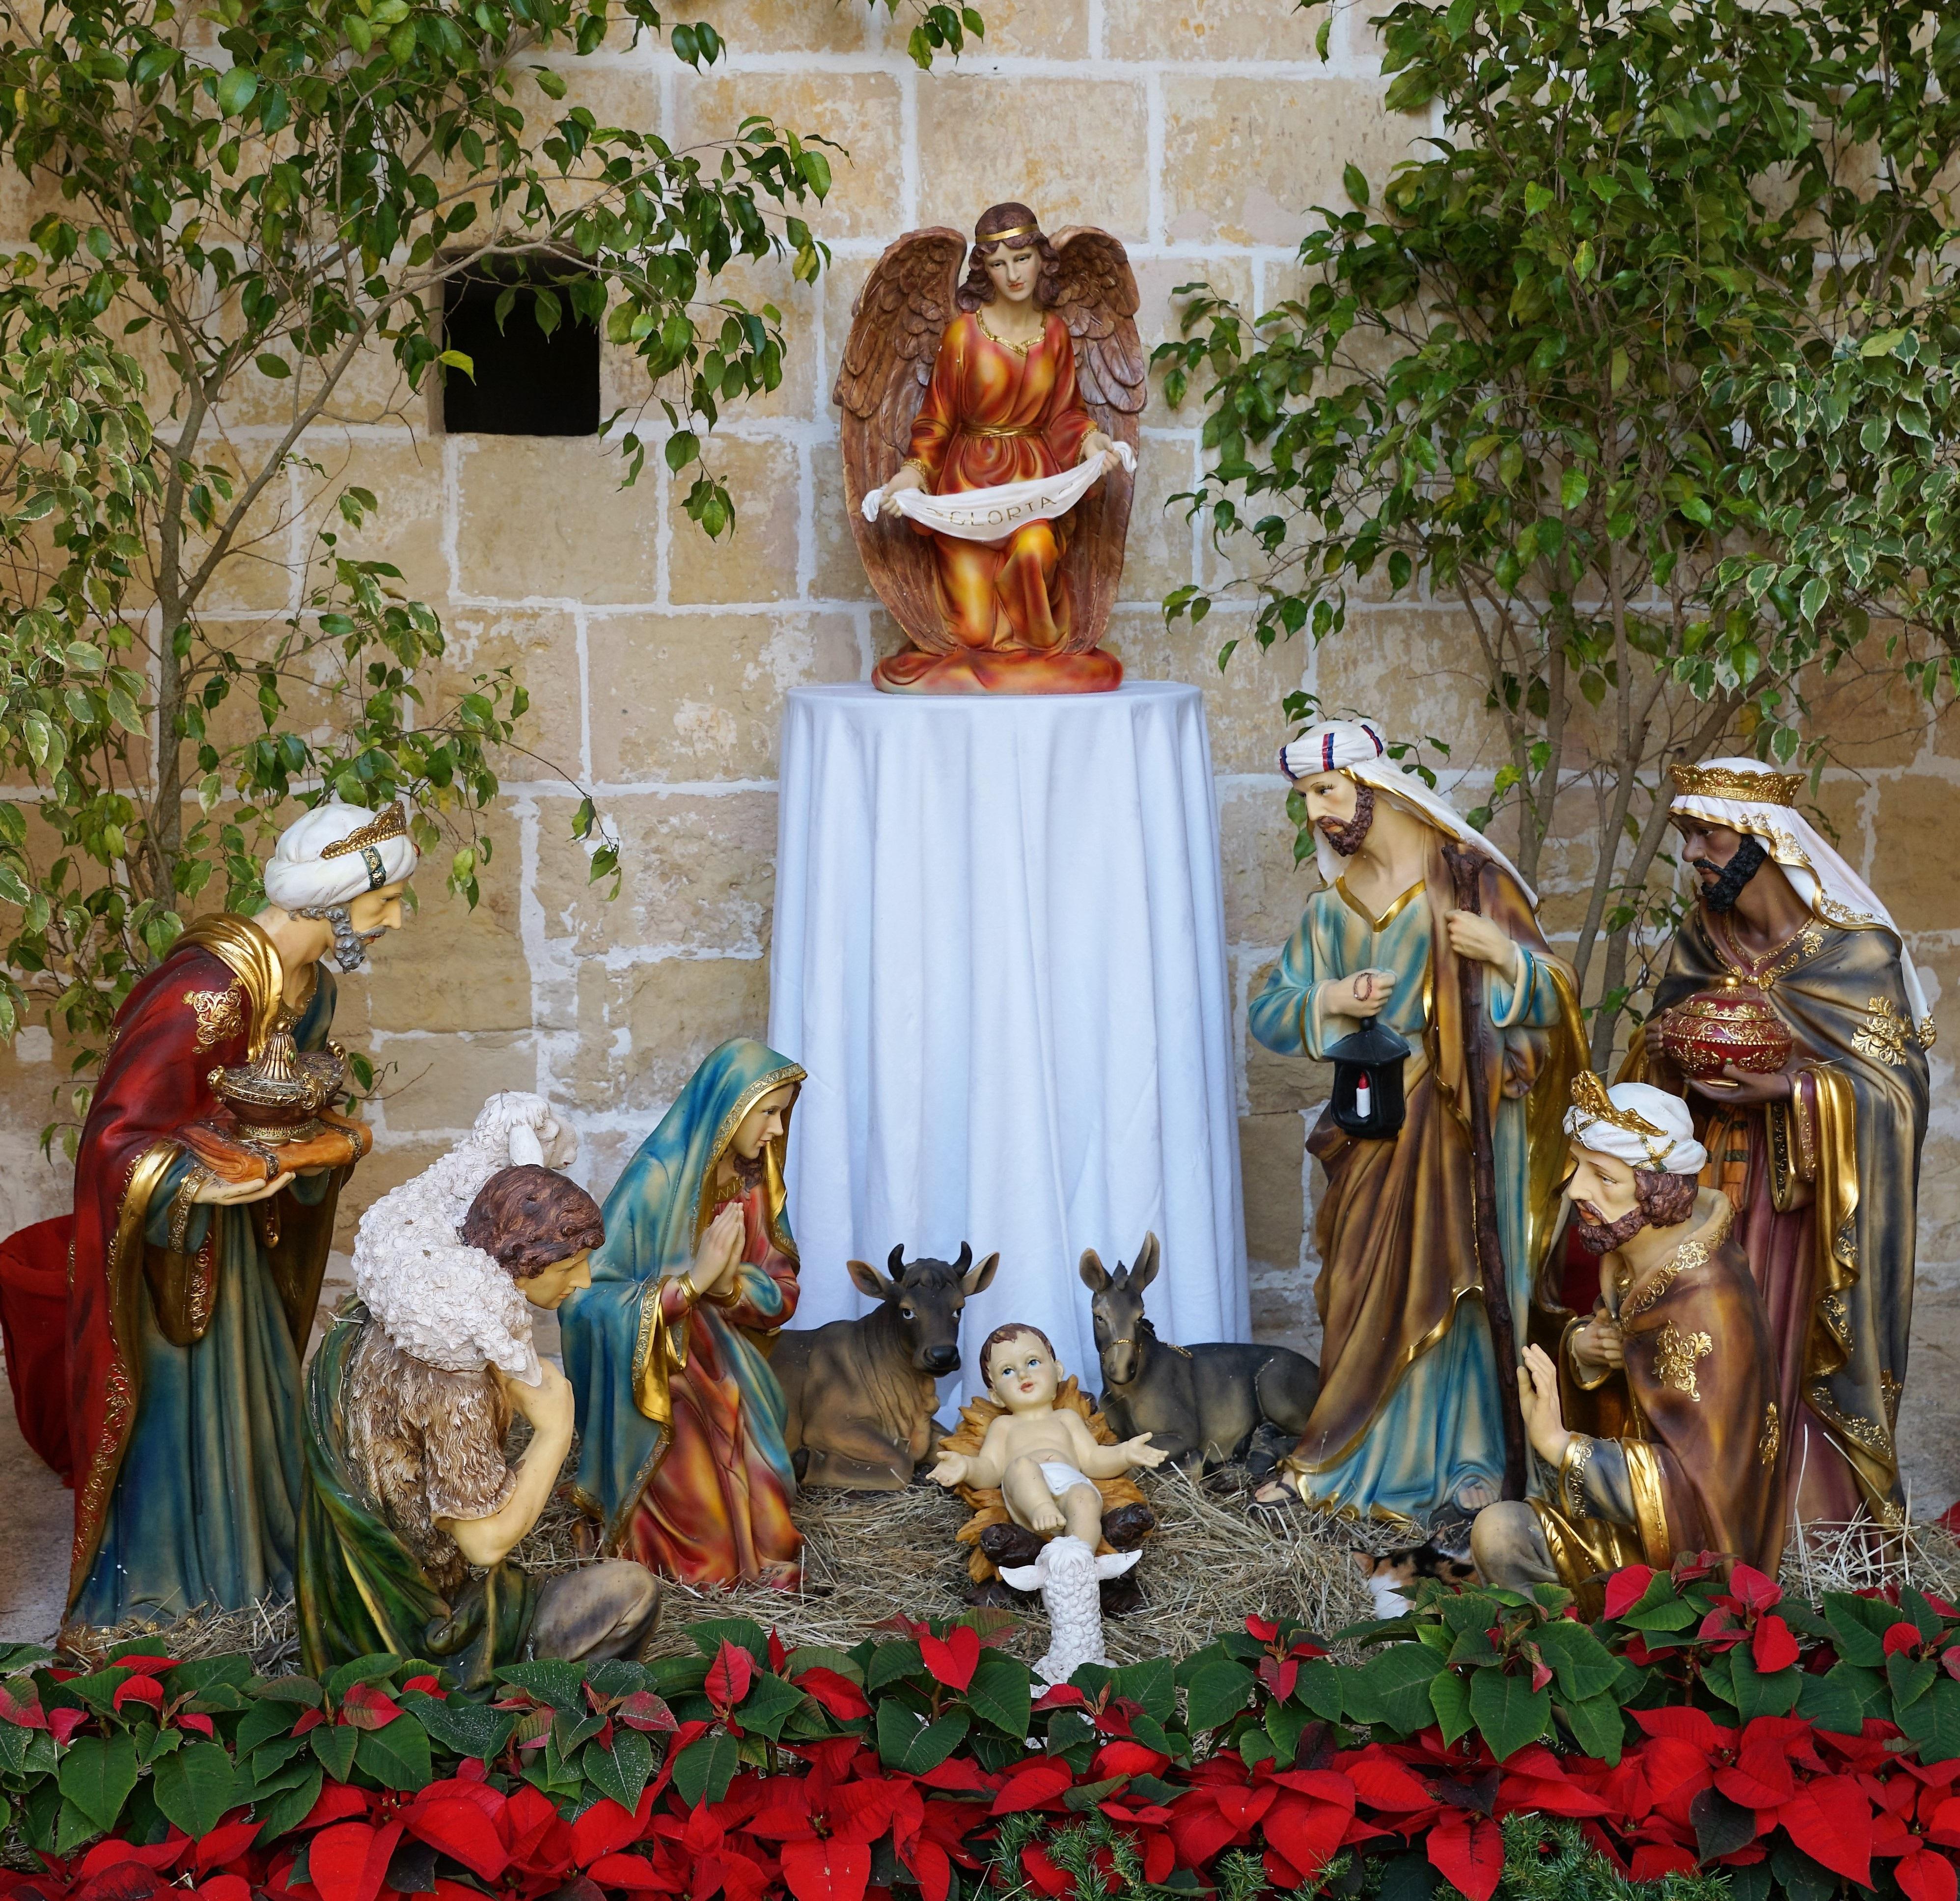 Fotos gratis : árbol, gente, regalo, verde, rojo, padre, niño, bebé ...